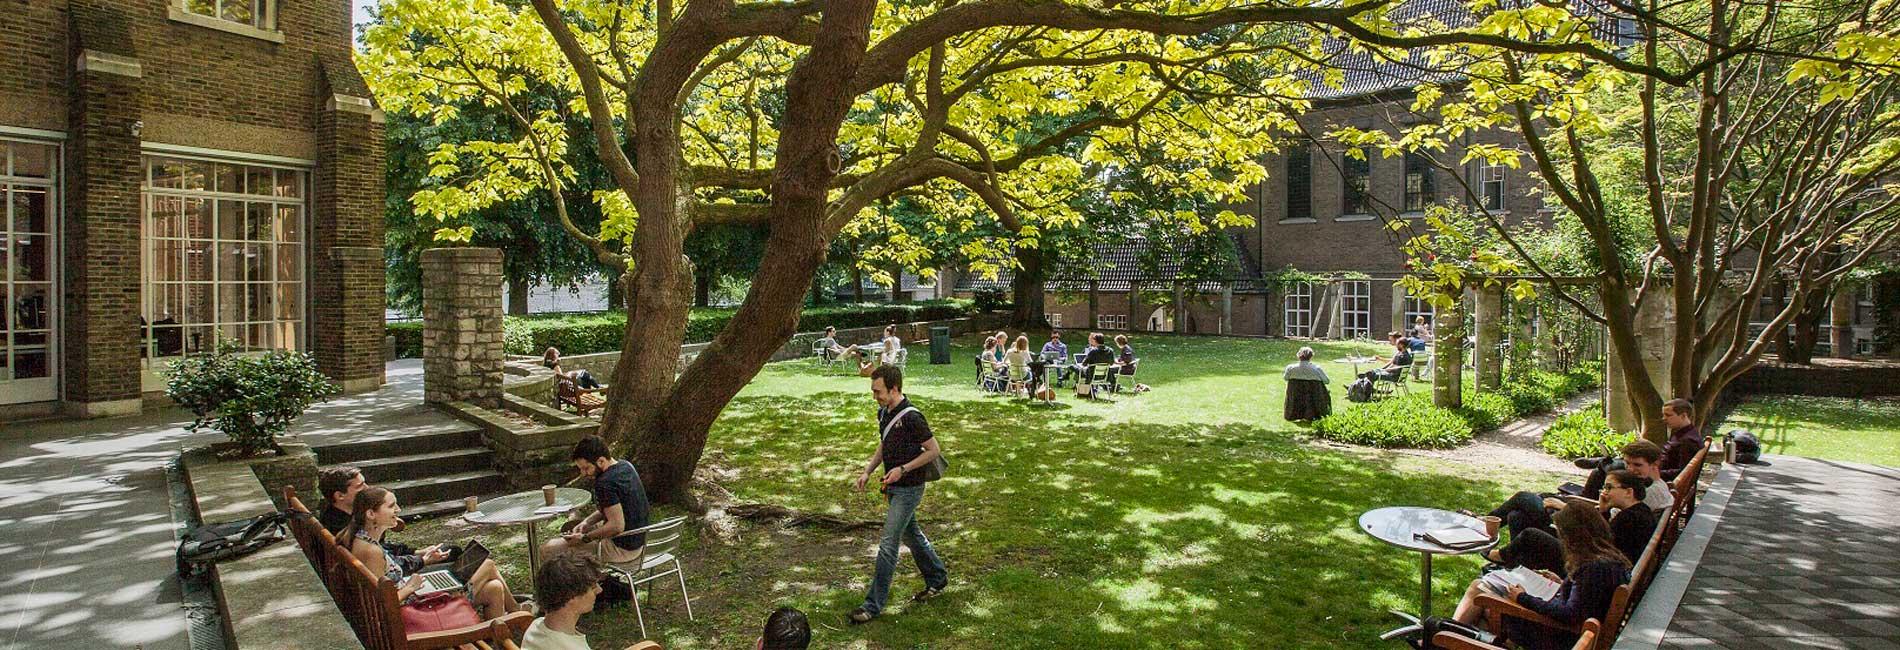 Image courtesy of Maastricht University